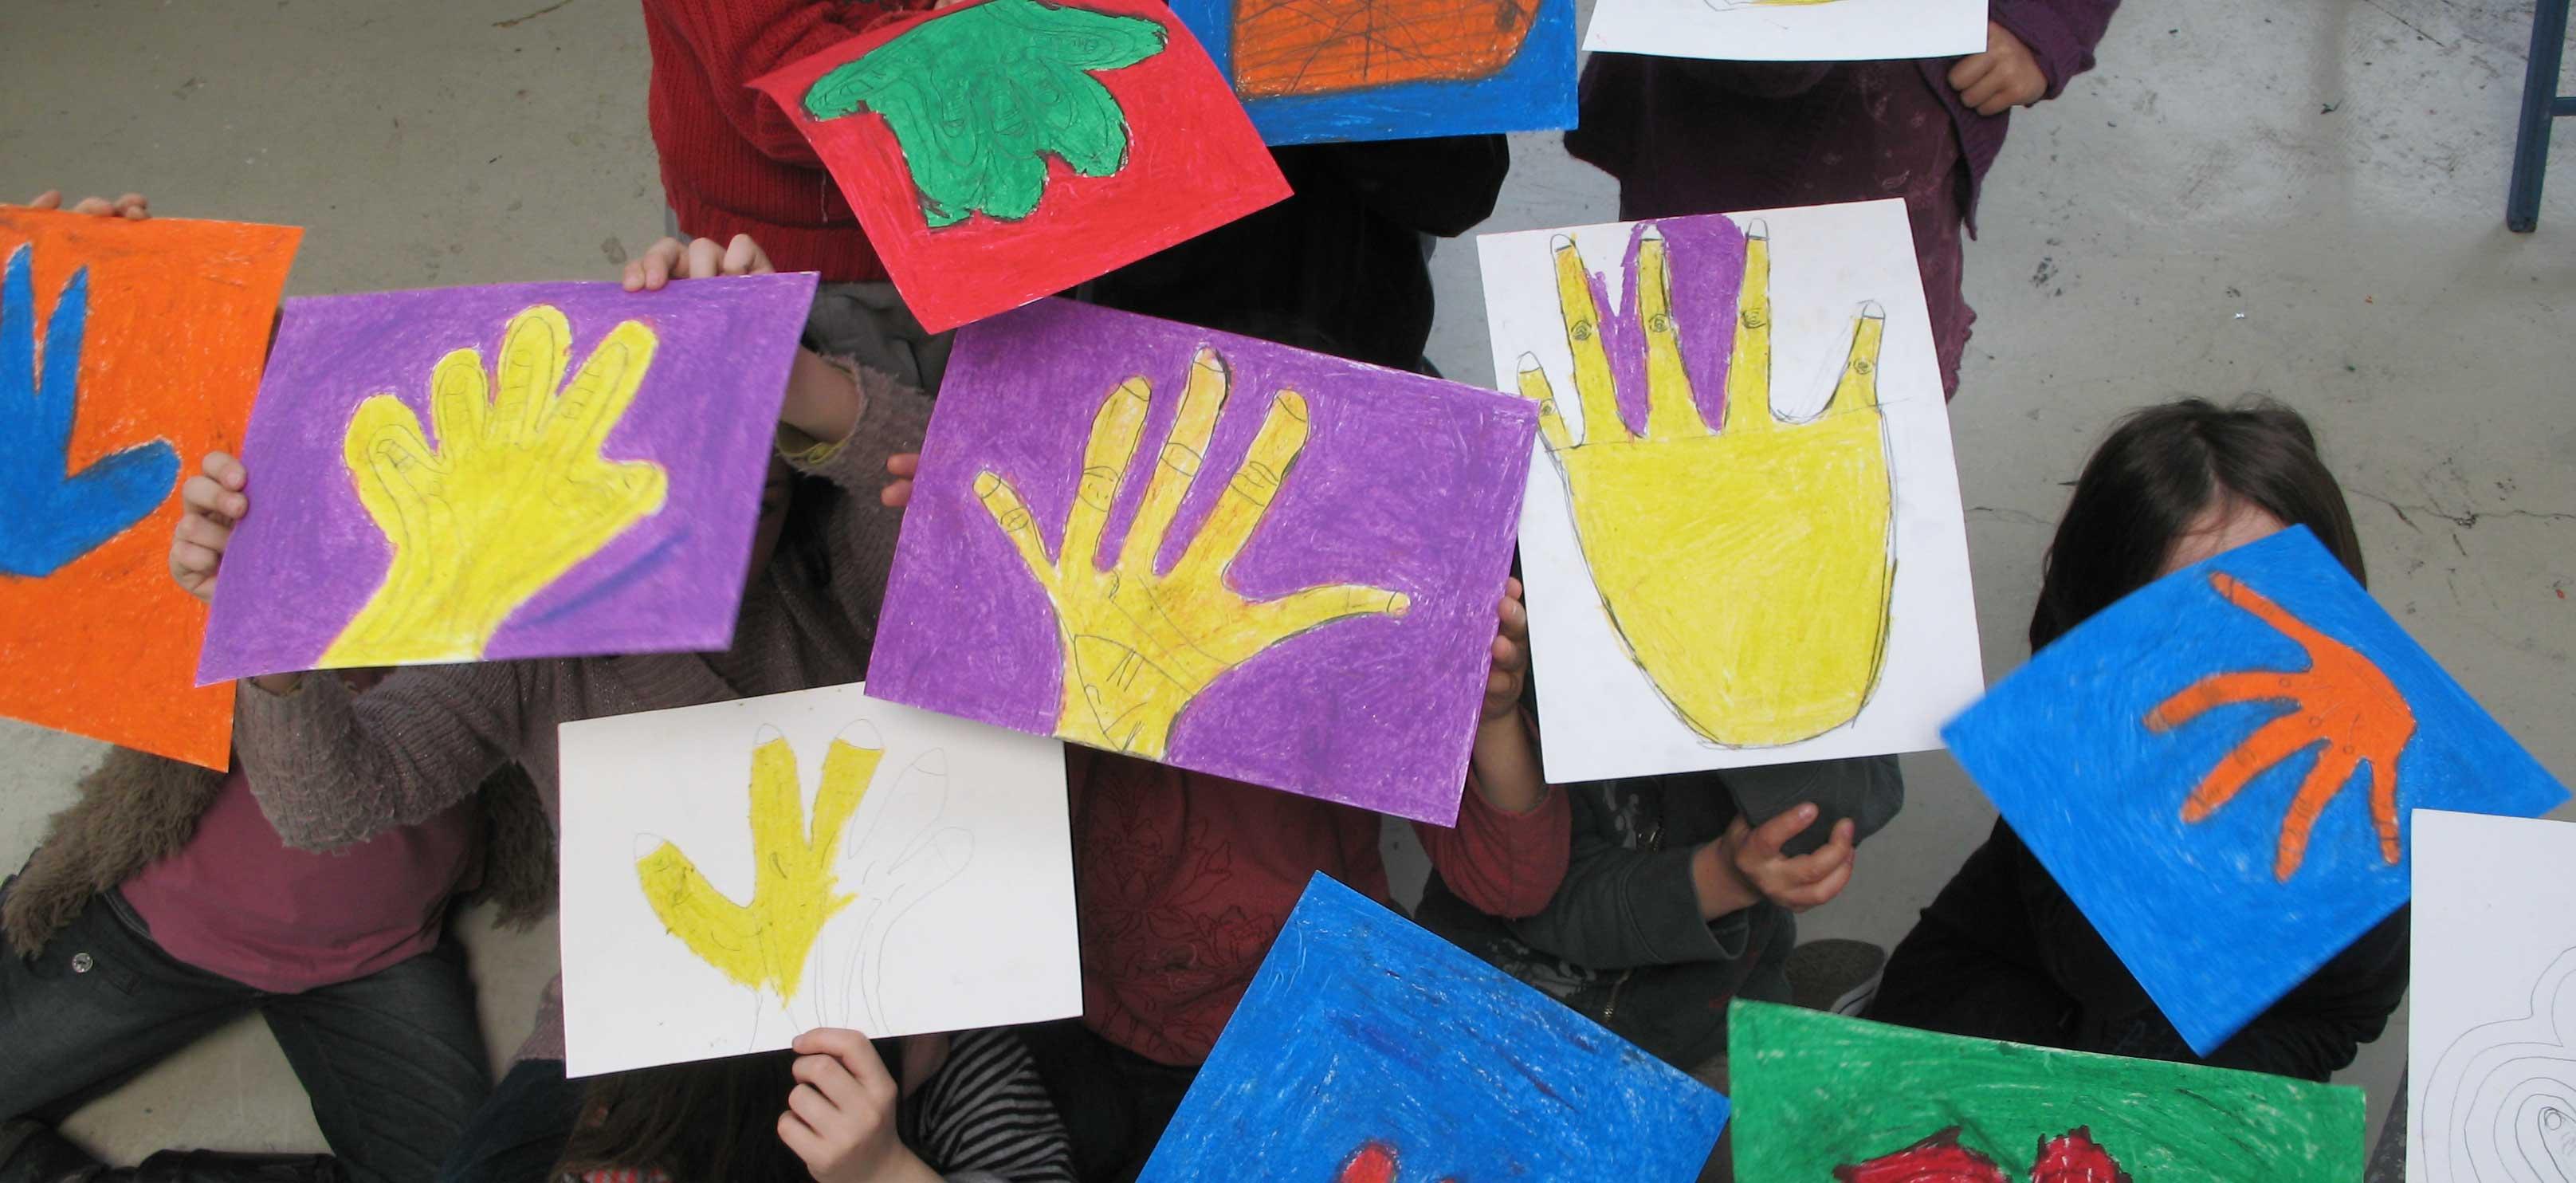 S'engager - mains peintes en atelier avec l'école d'art